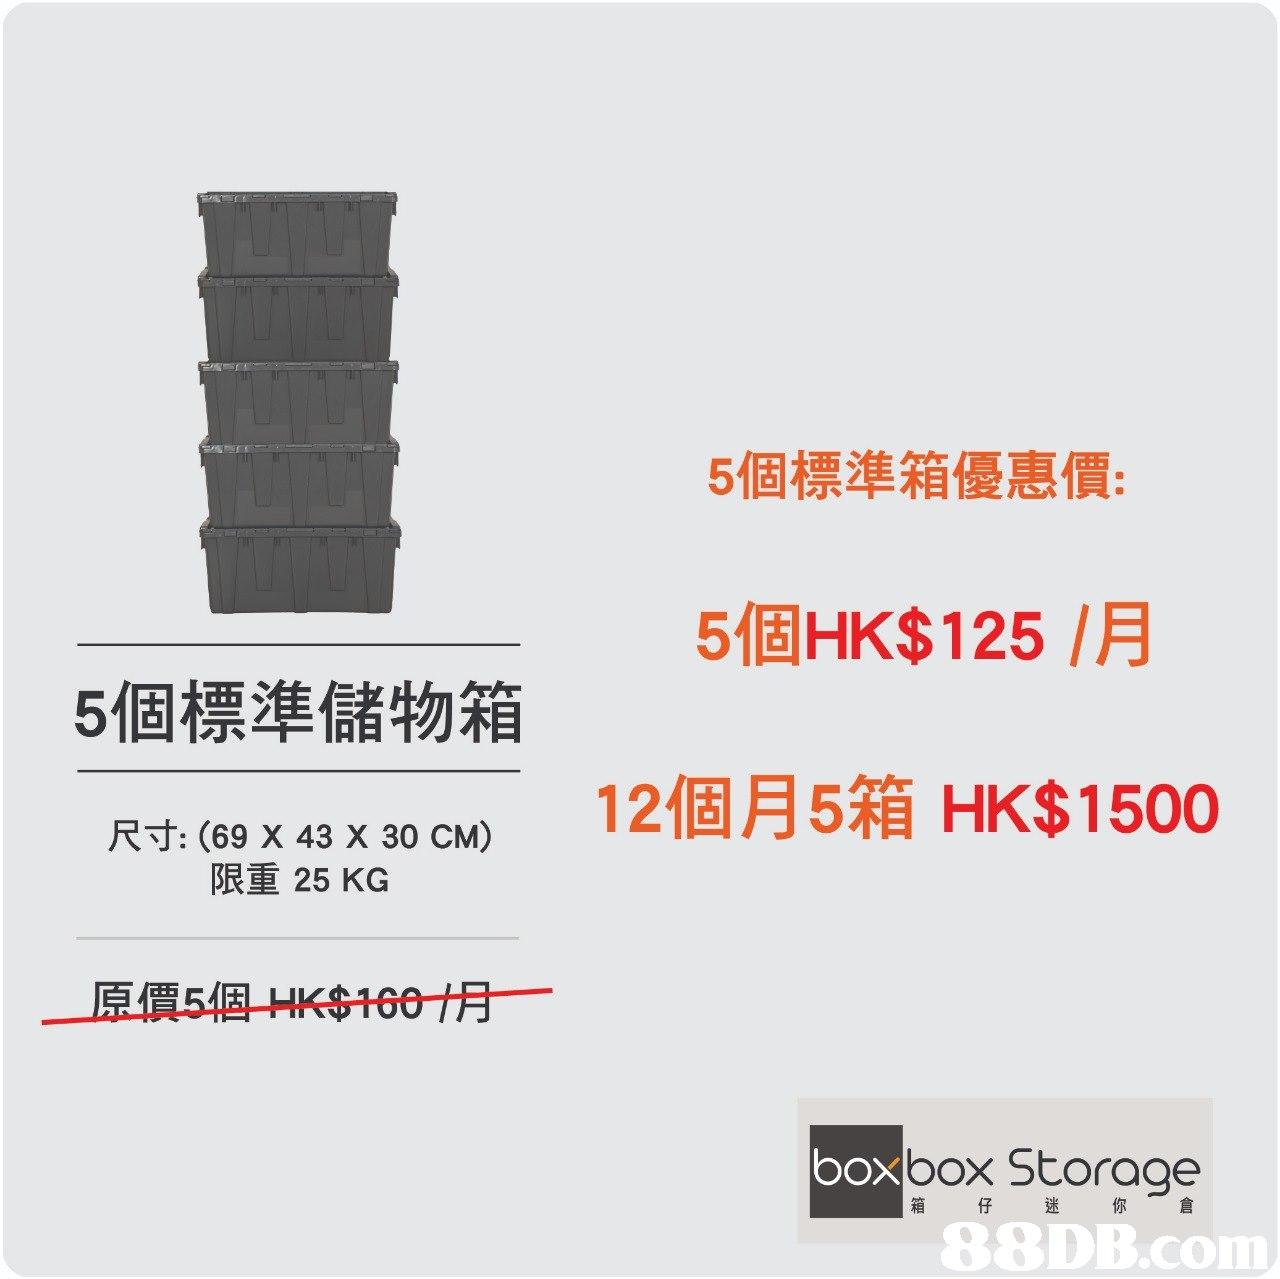 5個標準箱優惠價: 5個HK$125/月 12個月5箱HK$1500 5個標準儲物箱 尺寸: (69 X 43 X 30 CM) 限重25KG 一原價5個HK$1667 ooxbox Storage 箱 仔迷你 倉   text,product,product,font,